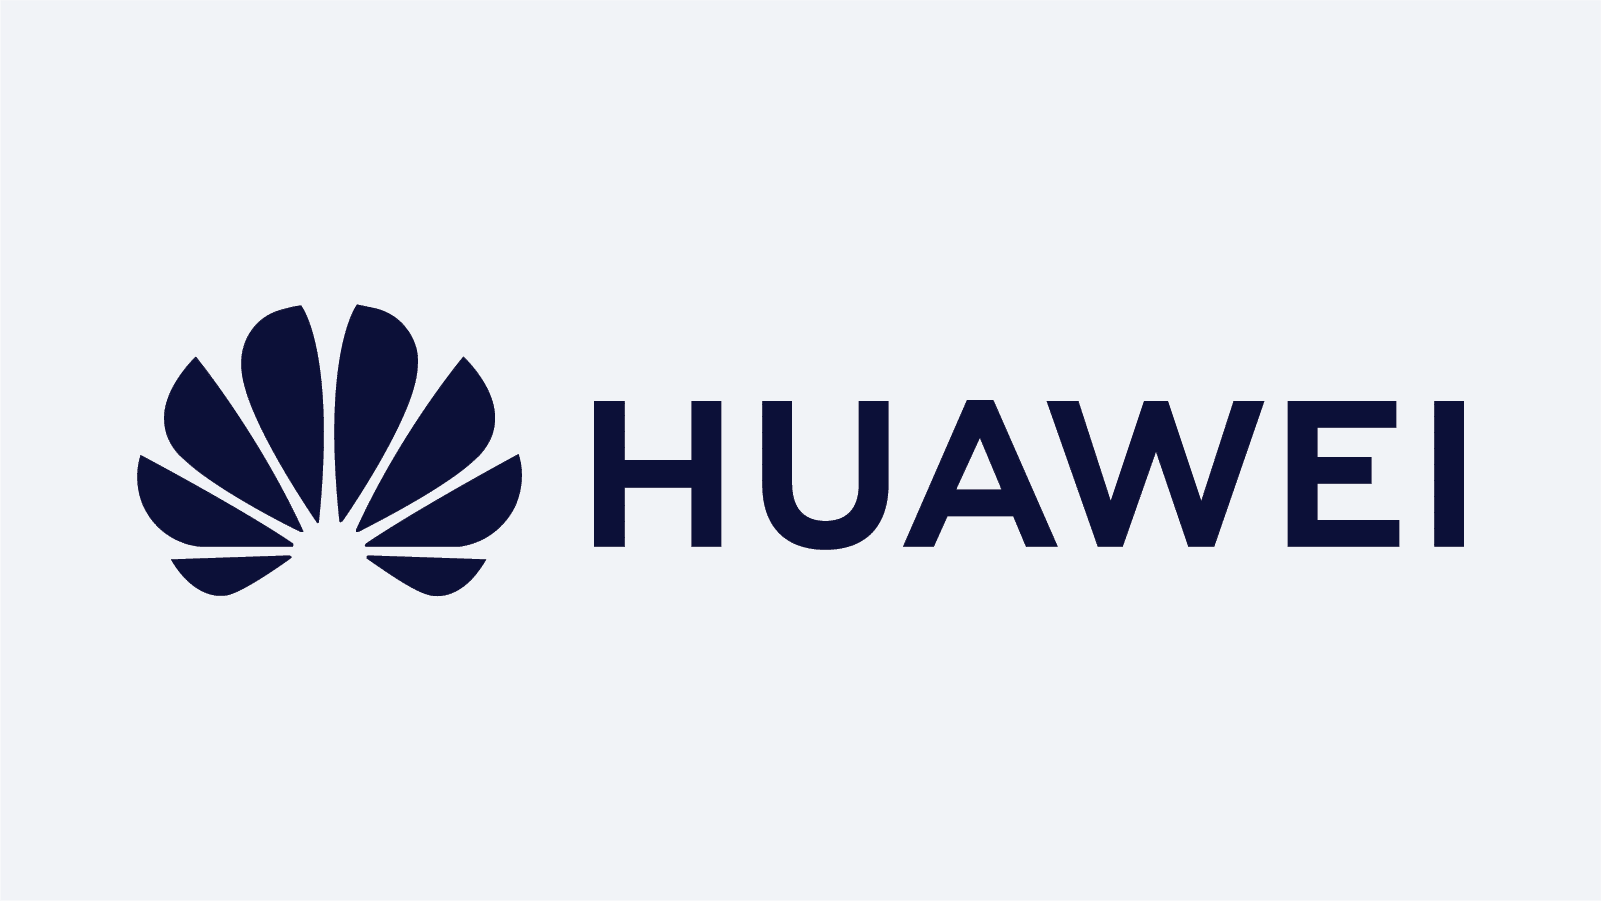 huawei laptop categories